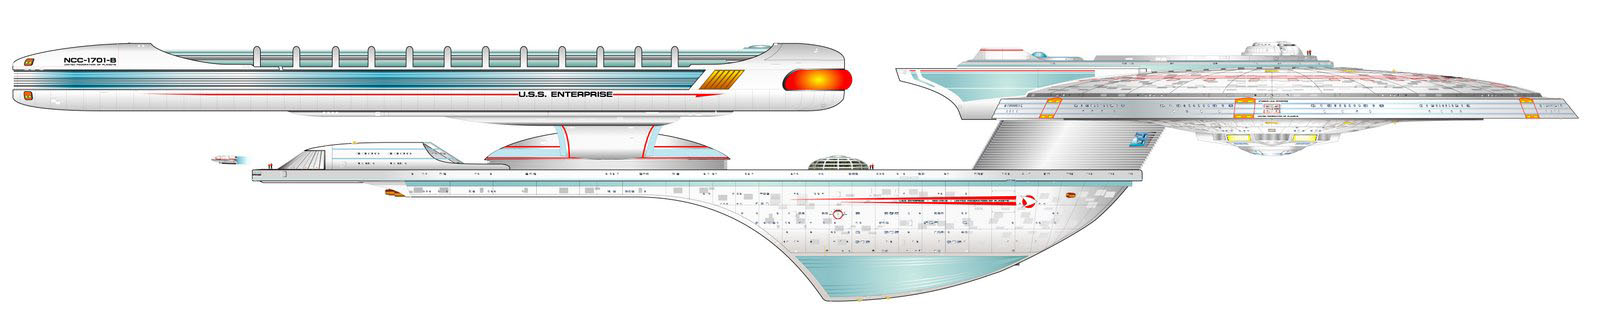 reimagined uss enterprise ncc - photo #12